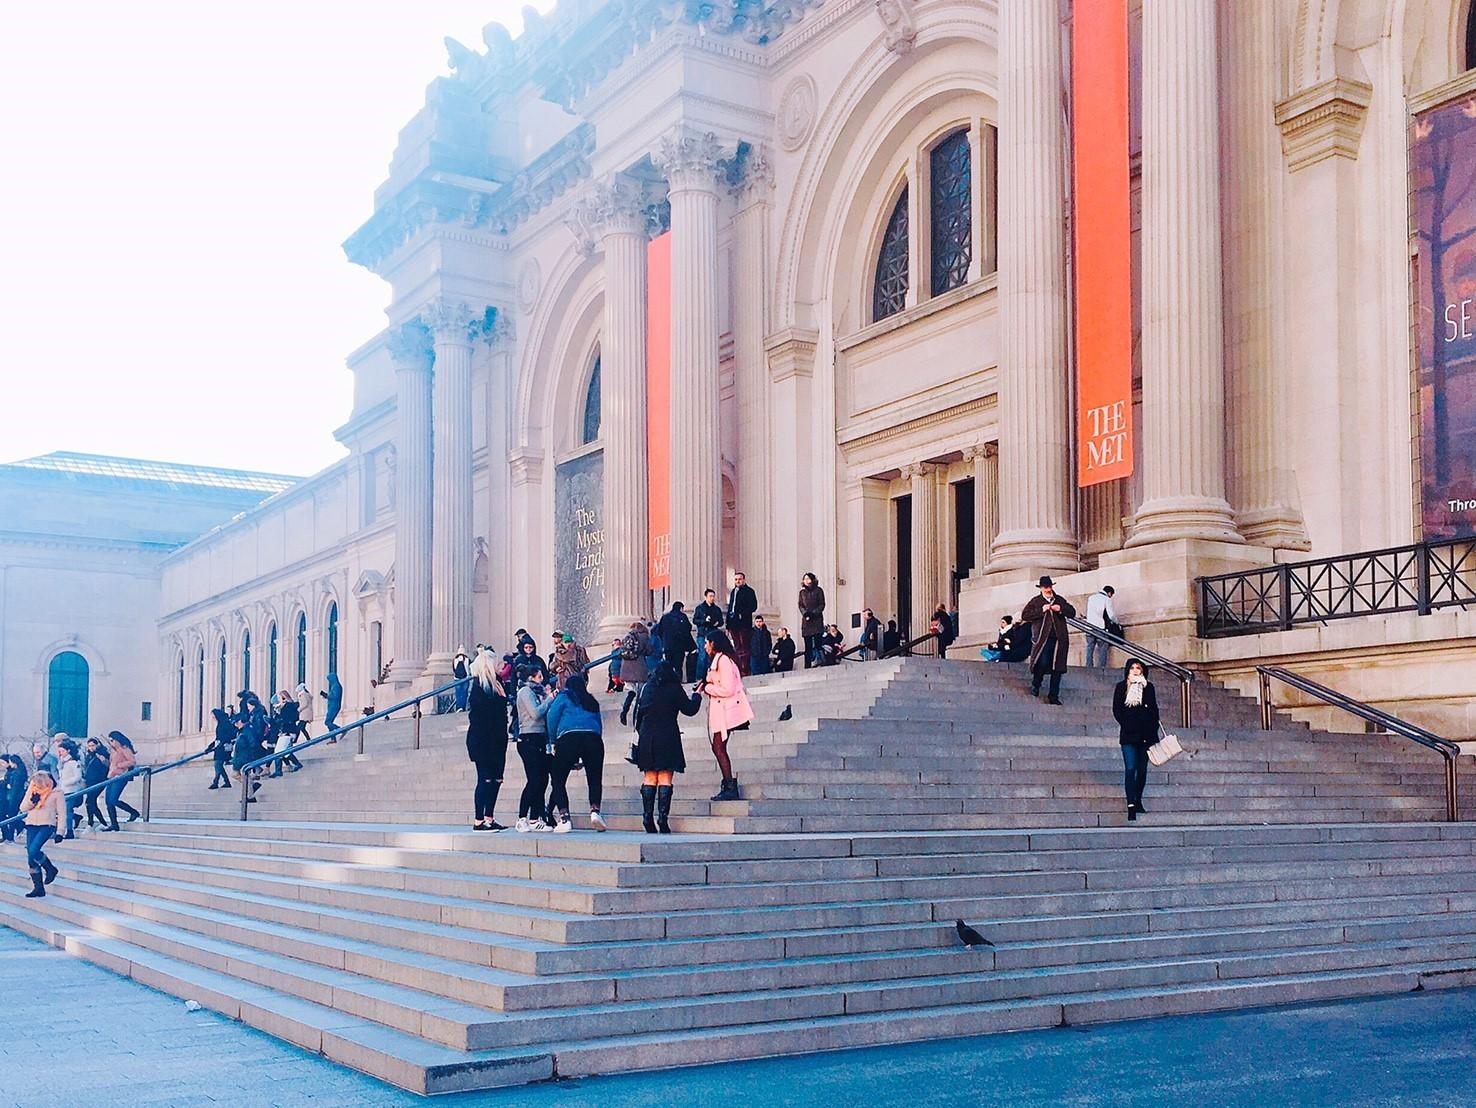 【ニューヨーク】のんびり鑑賞《MoMA・MET》_1_3-2